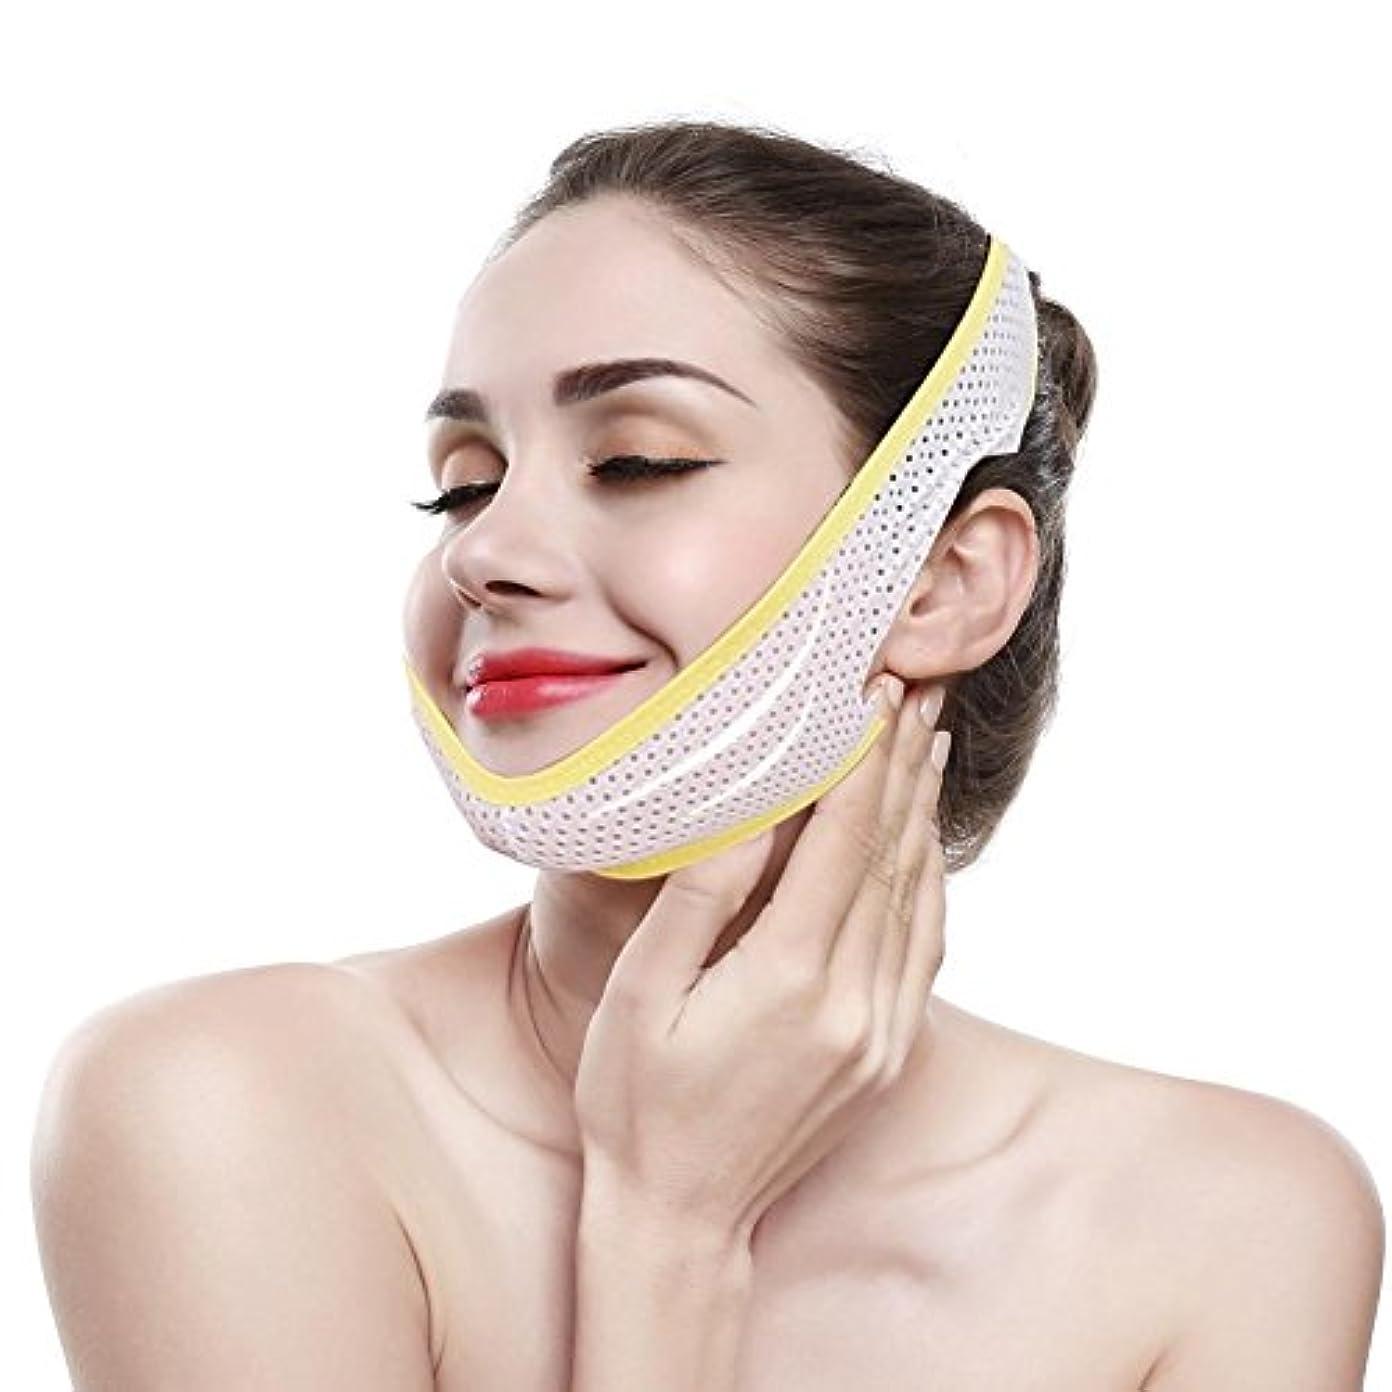 快適氏送る顎リフト フェイススリミング包帯 フェイスベルト 顔の包帯スリミングダブルチンVラインとフェイシャルケアファーミングスキン 女性の超薄型 フェイスマス クラインベルト スリミング製品マスク(M)